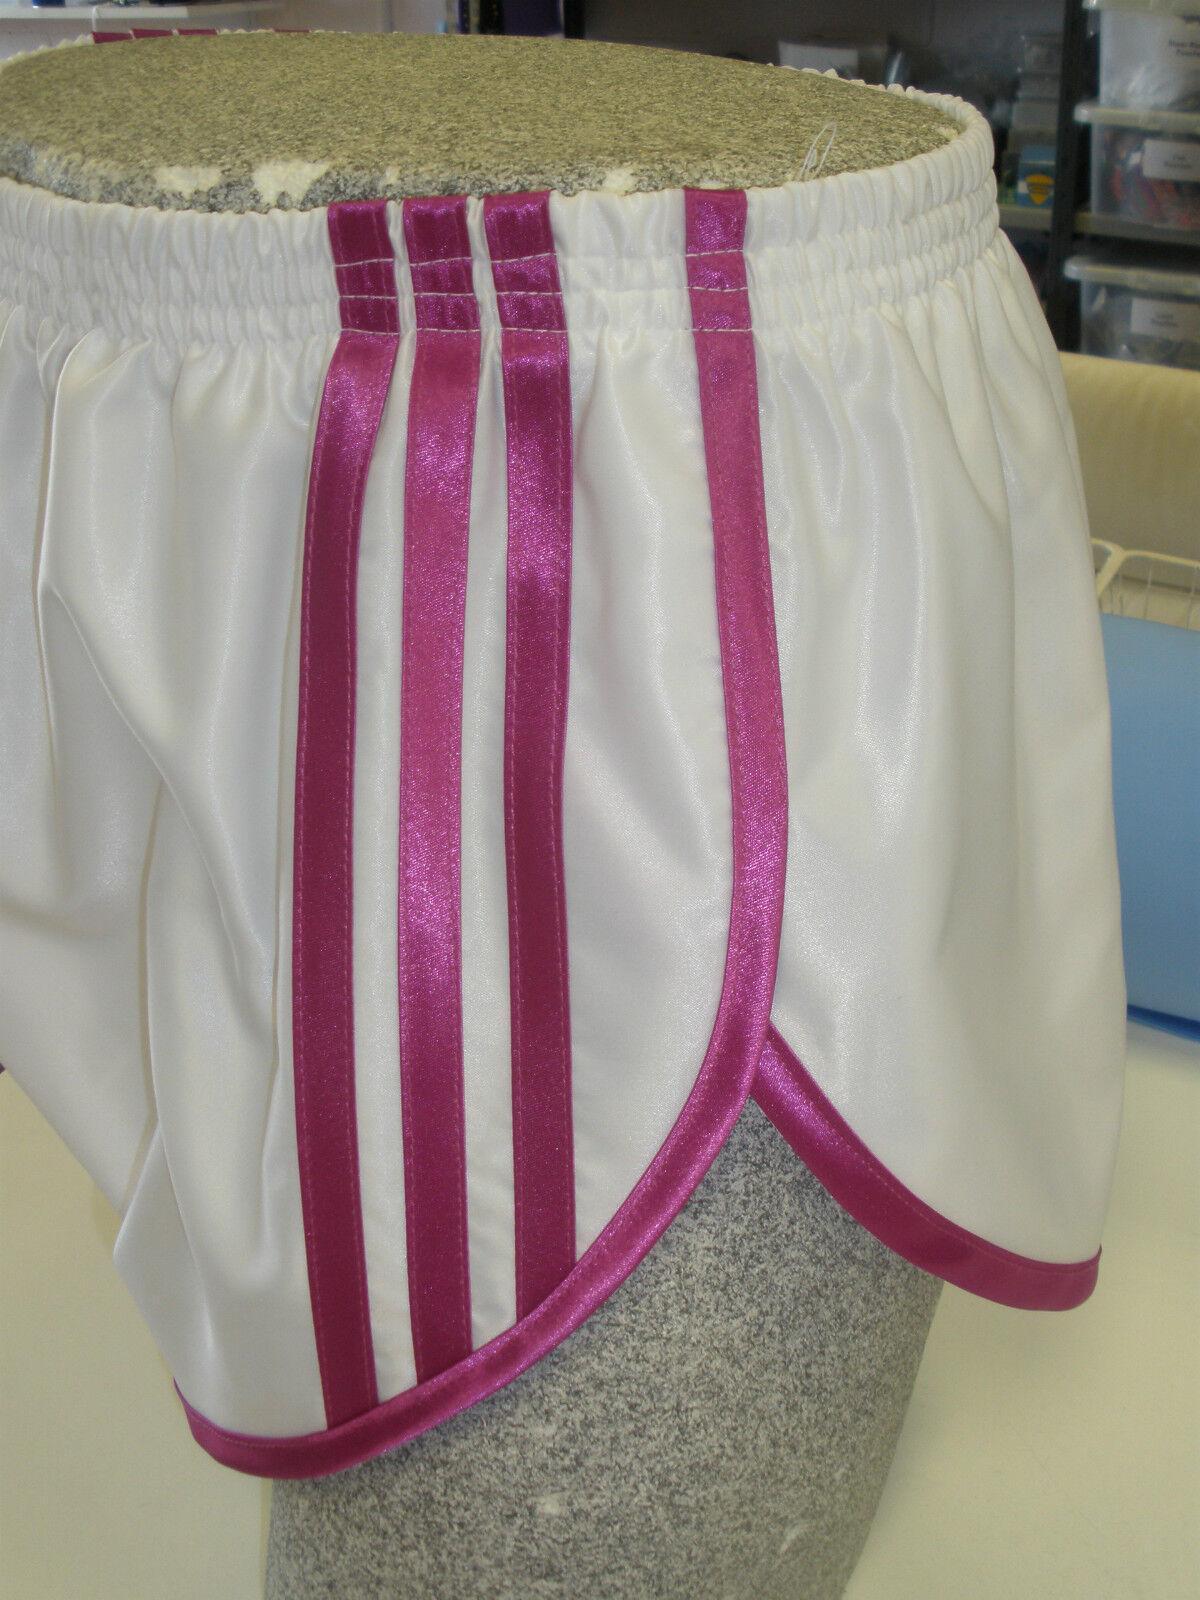 Retro Nylon Satin Sprinter Shorts S - 4XL, White - Pink